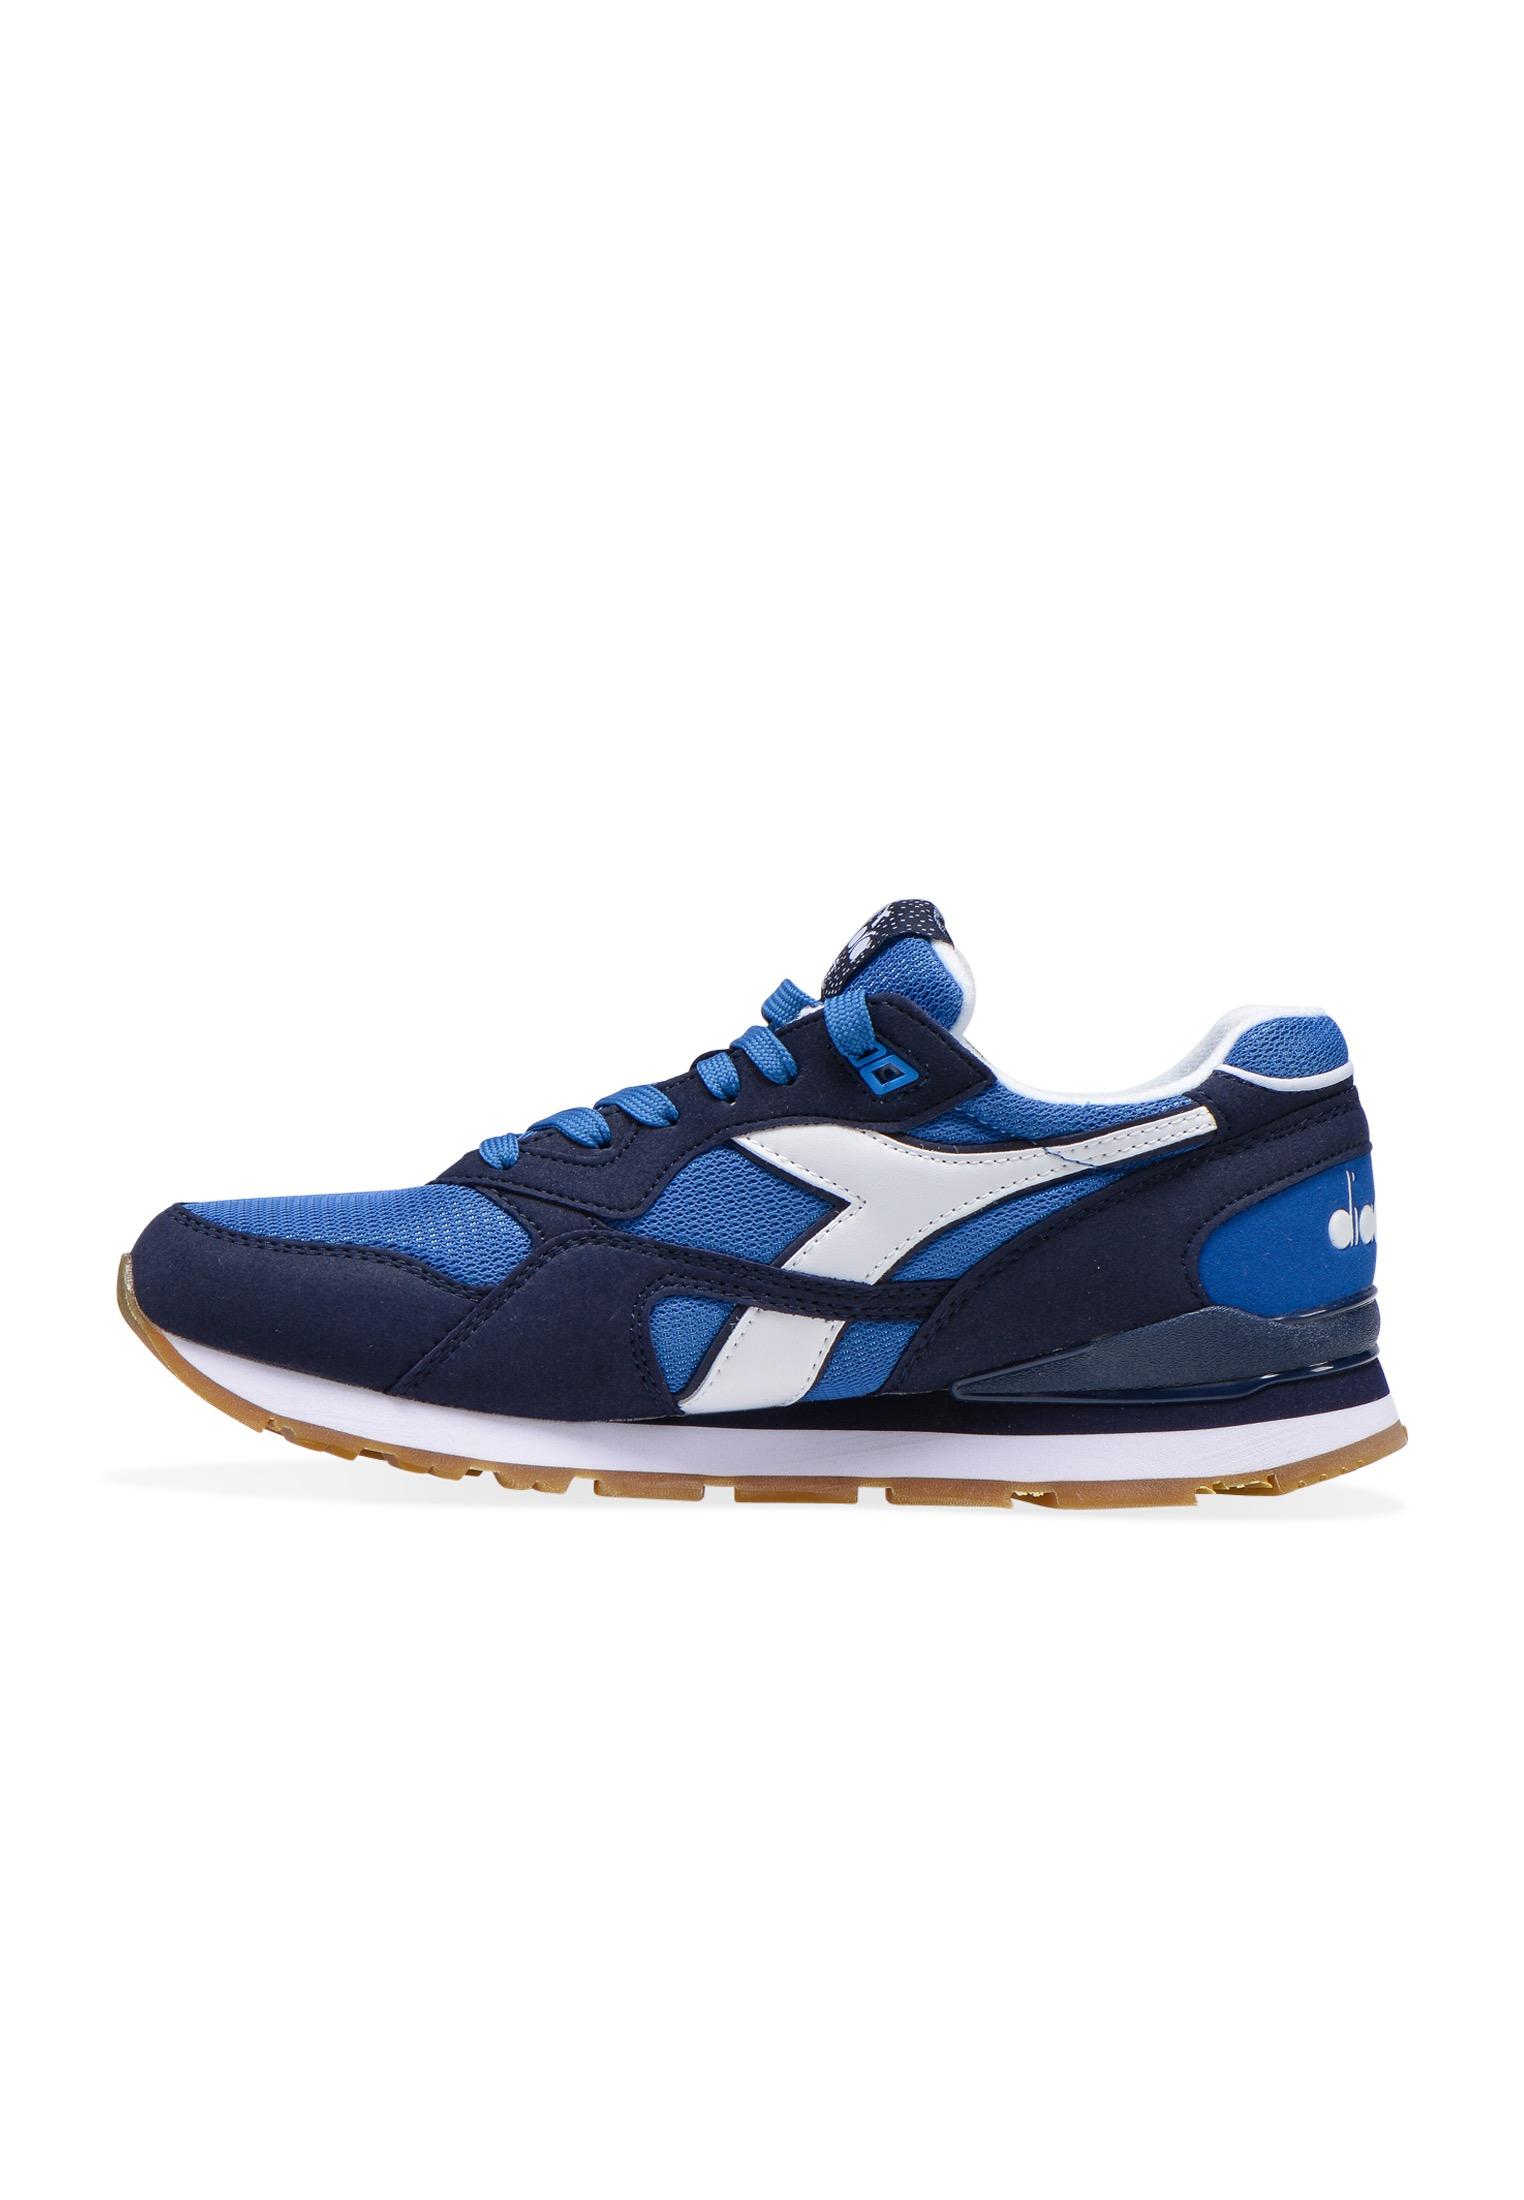 miniatura 27 - Diadora - Sneakers N.92 per uomo e donna